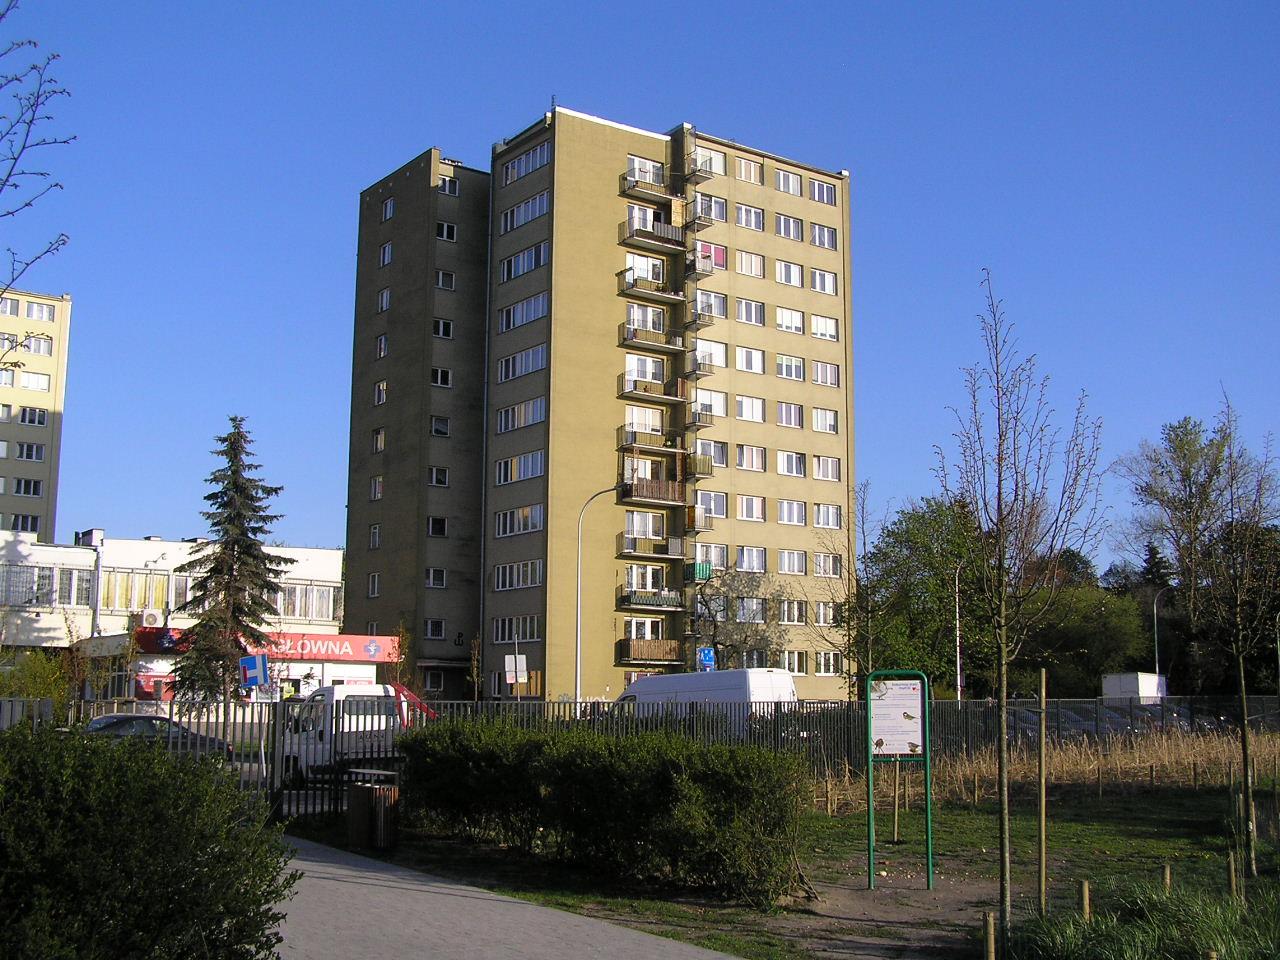 Garwolińska 14